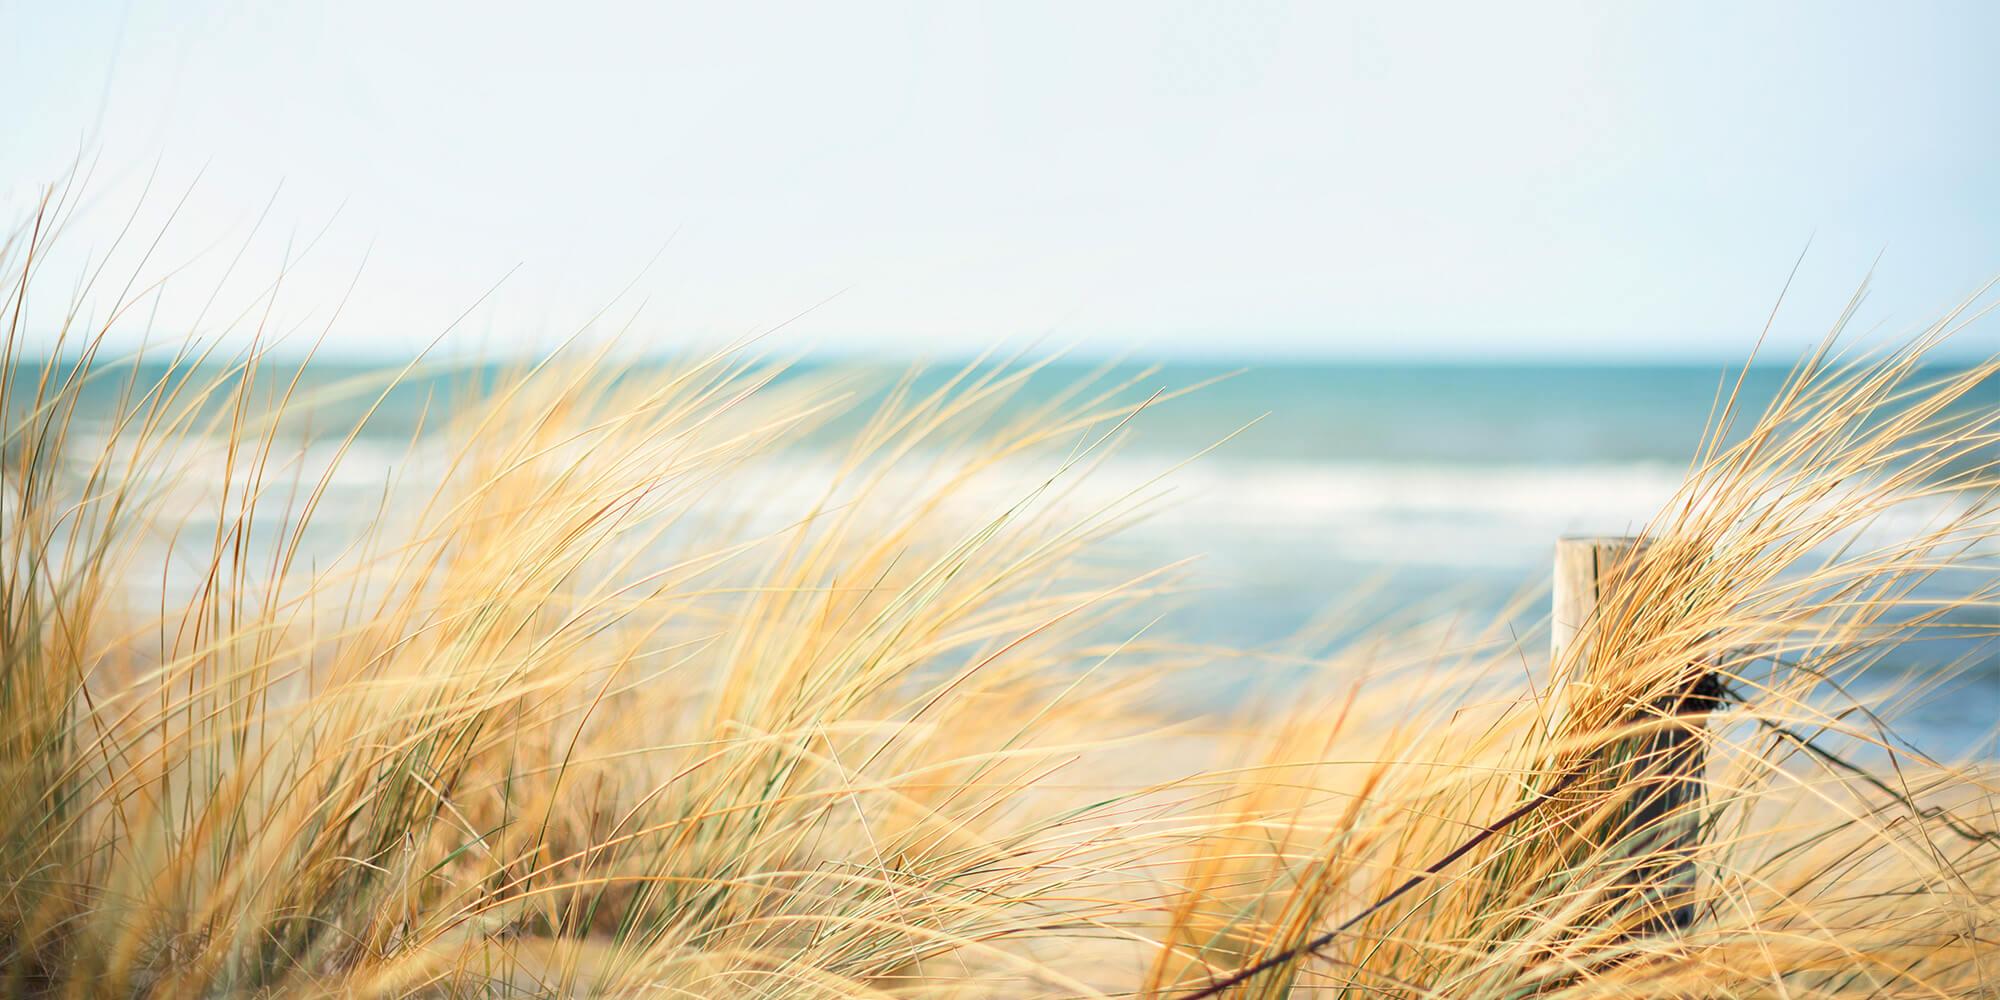 nature grassy beach